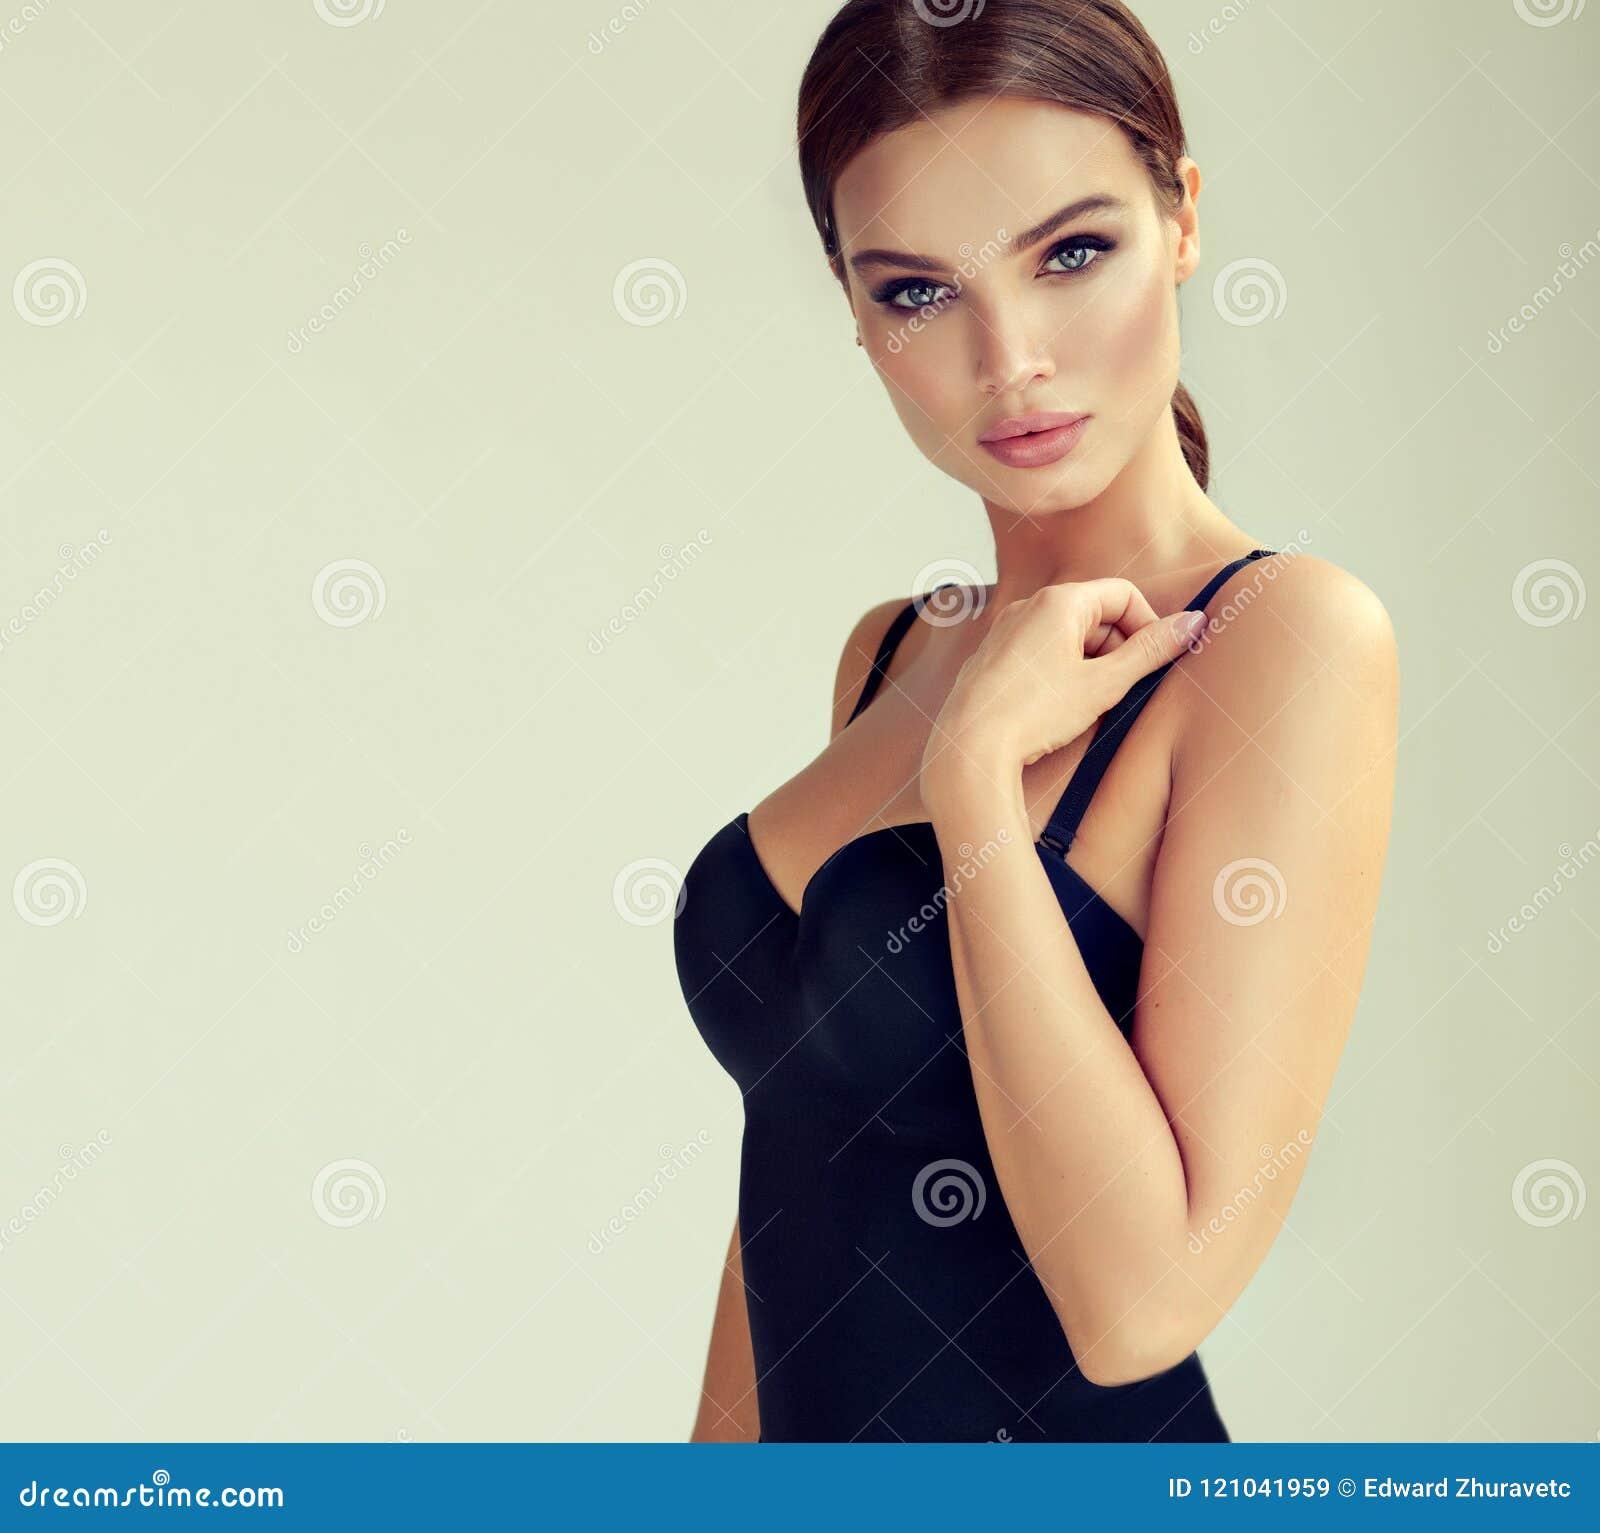 Πορτρέτο της νέας, σεξουαλικής γυναίκας που ντύνεται στο σαγηνευτικό μαύρο σώμα Makeup και cosmetology